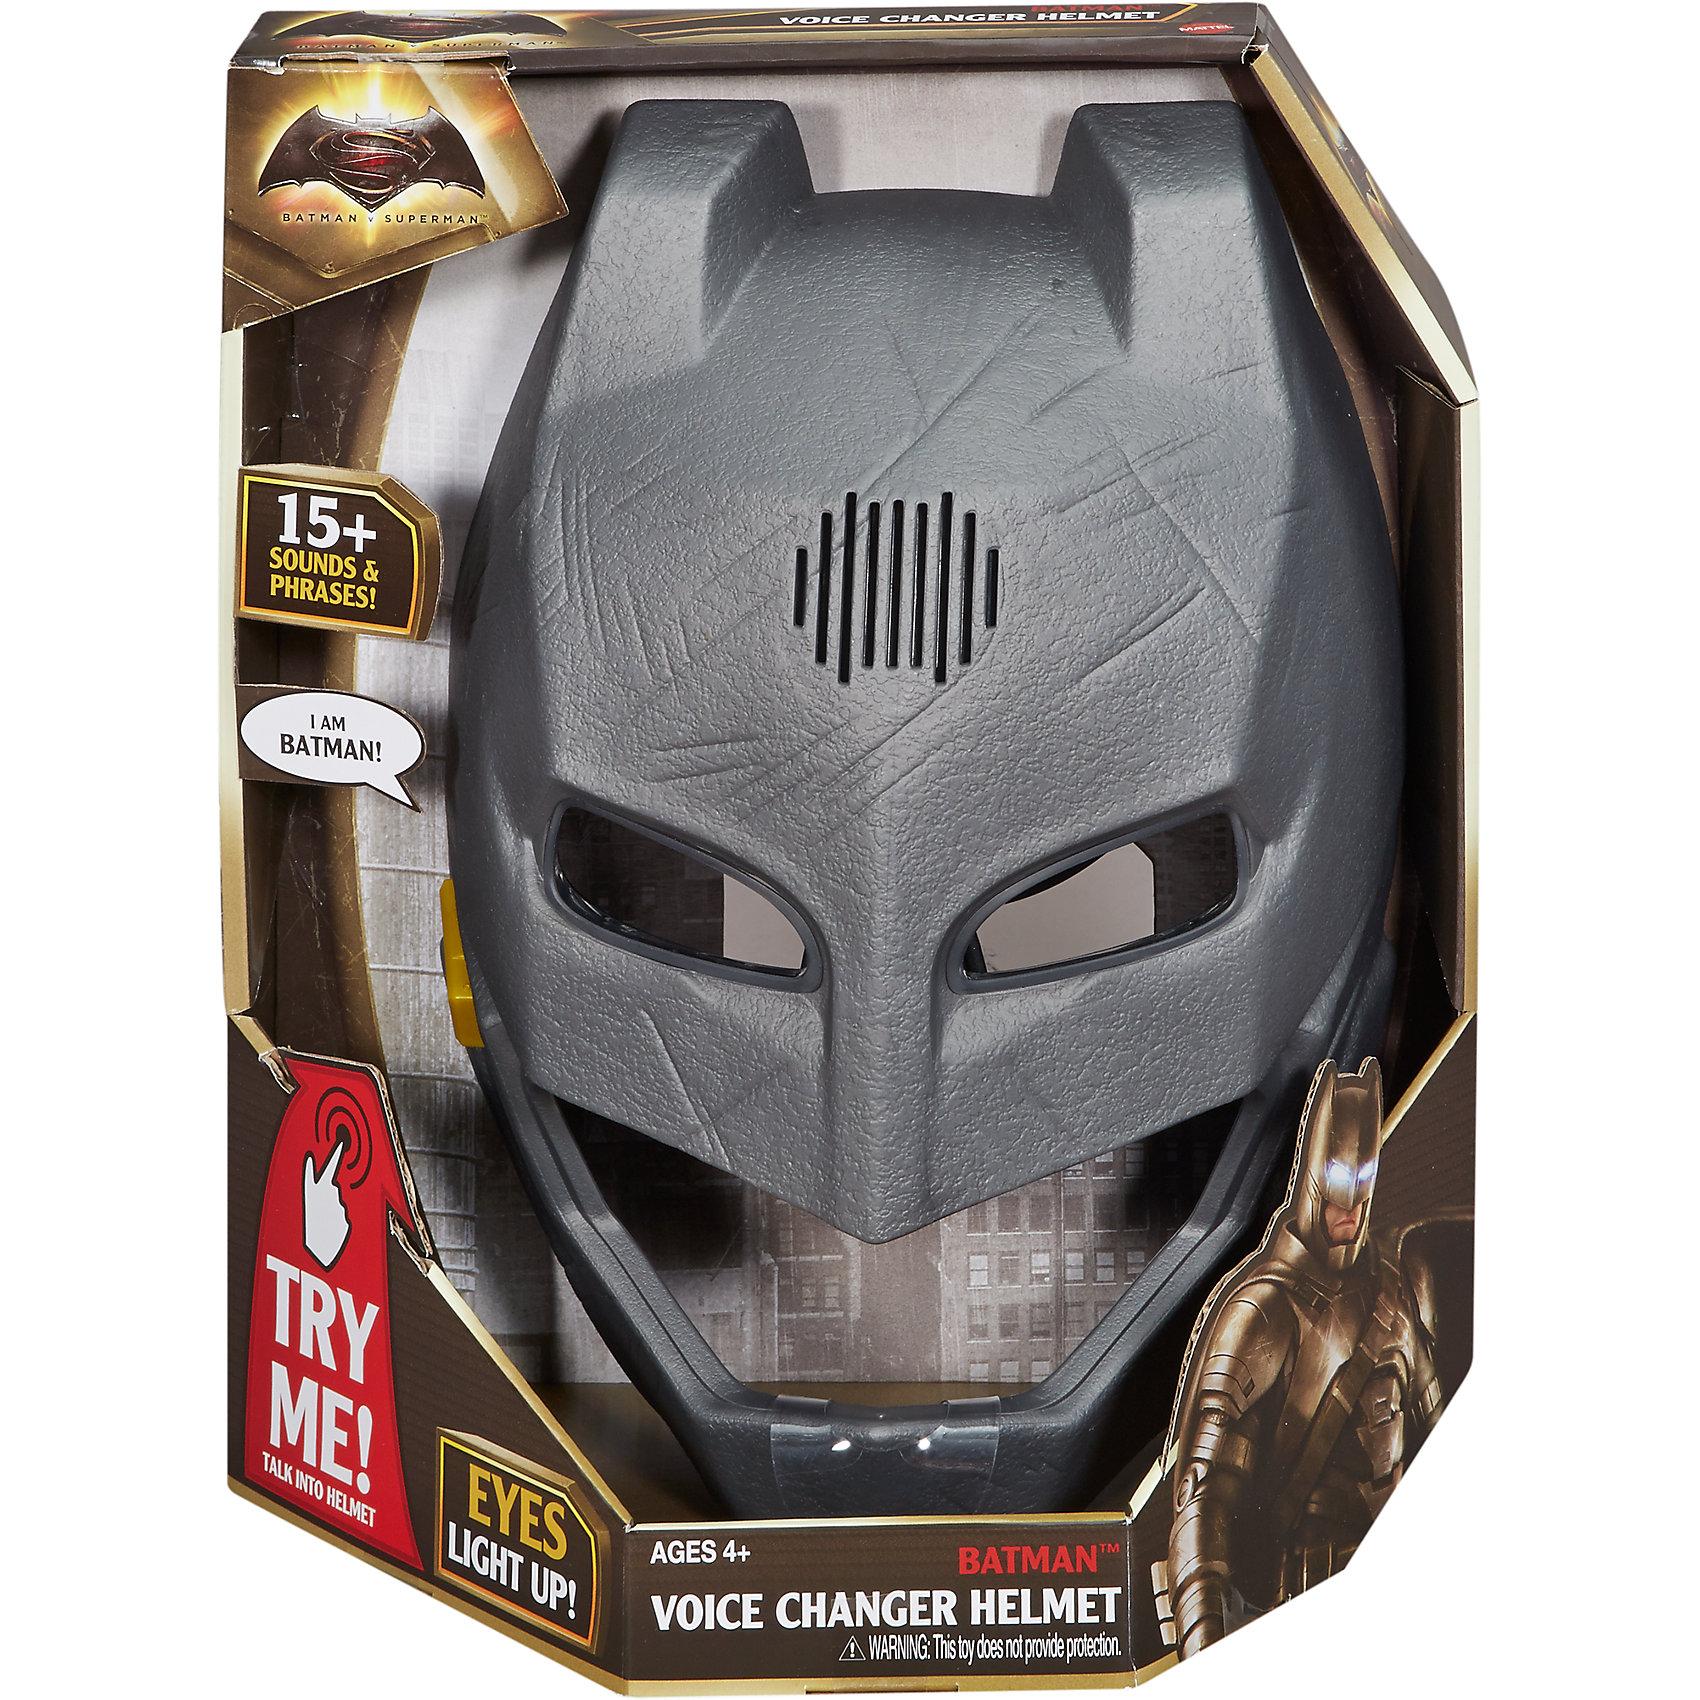 Маска Бэтмена, меняющая голосМаска Бэтмена, меняющая голос<br><br>Маска Бэтмена, меняющая голос представляет собой шлем супергероя, как в фильме. Маска обладает звуковыми эффектами, если нажать на кнопку, она  издаст страшные звуки и фразы из фильма Бэтмен против Супермена: На заре справедливости.<br>Маска - серая, с прорезями для глаз. Сделана из пластика, но выглядит как из металла. На поверхности - царапины, будто Бэтмен побывал в опасных боях. Сделана из качественных и безопасных для ребенка материалов. Работает от трех мизинчиковых батареек (AAA / LR0.3 1.5 V ).<br><br>Дополнительная информация:<br><br>цвет: серый,<br>материал: пластик.<br><br>Маску Бэтмена, меняющую голос можно купить в нашем магазине.<br><br>Ширина мм: 145<br>Глубина мм: 255<br>Высота мм: 305<br>Вес г: 796<br>Возраст от месяцев: 48<br>Возраст до месяцев: 120<br>Пол: Мужской<br>Возраст: Детский<br>SKU: 4697983